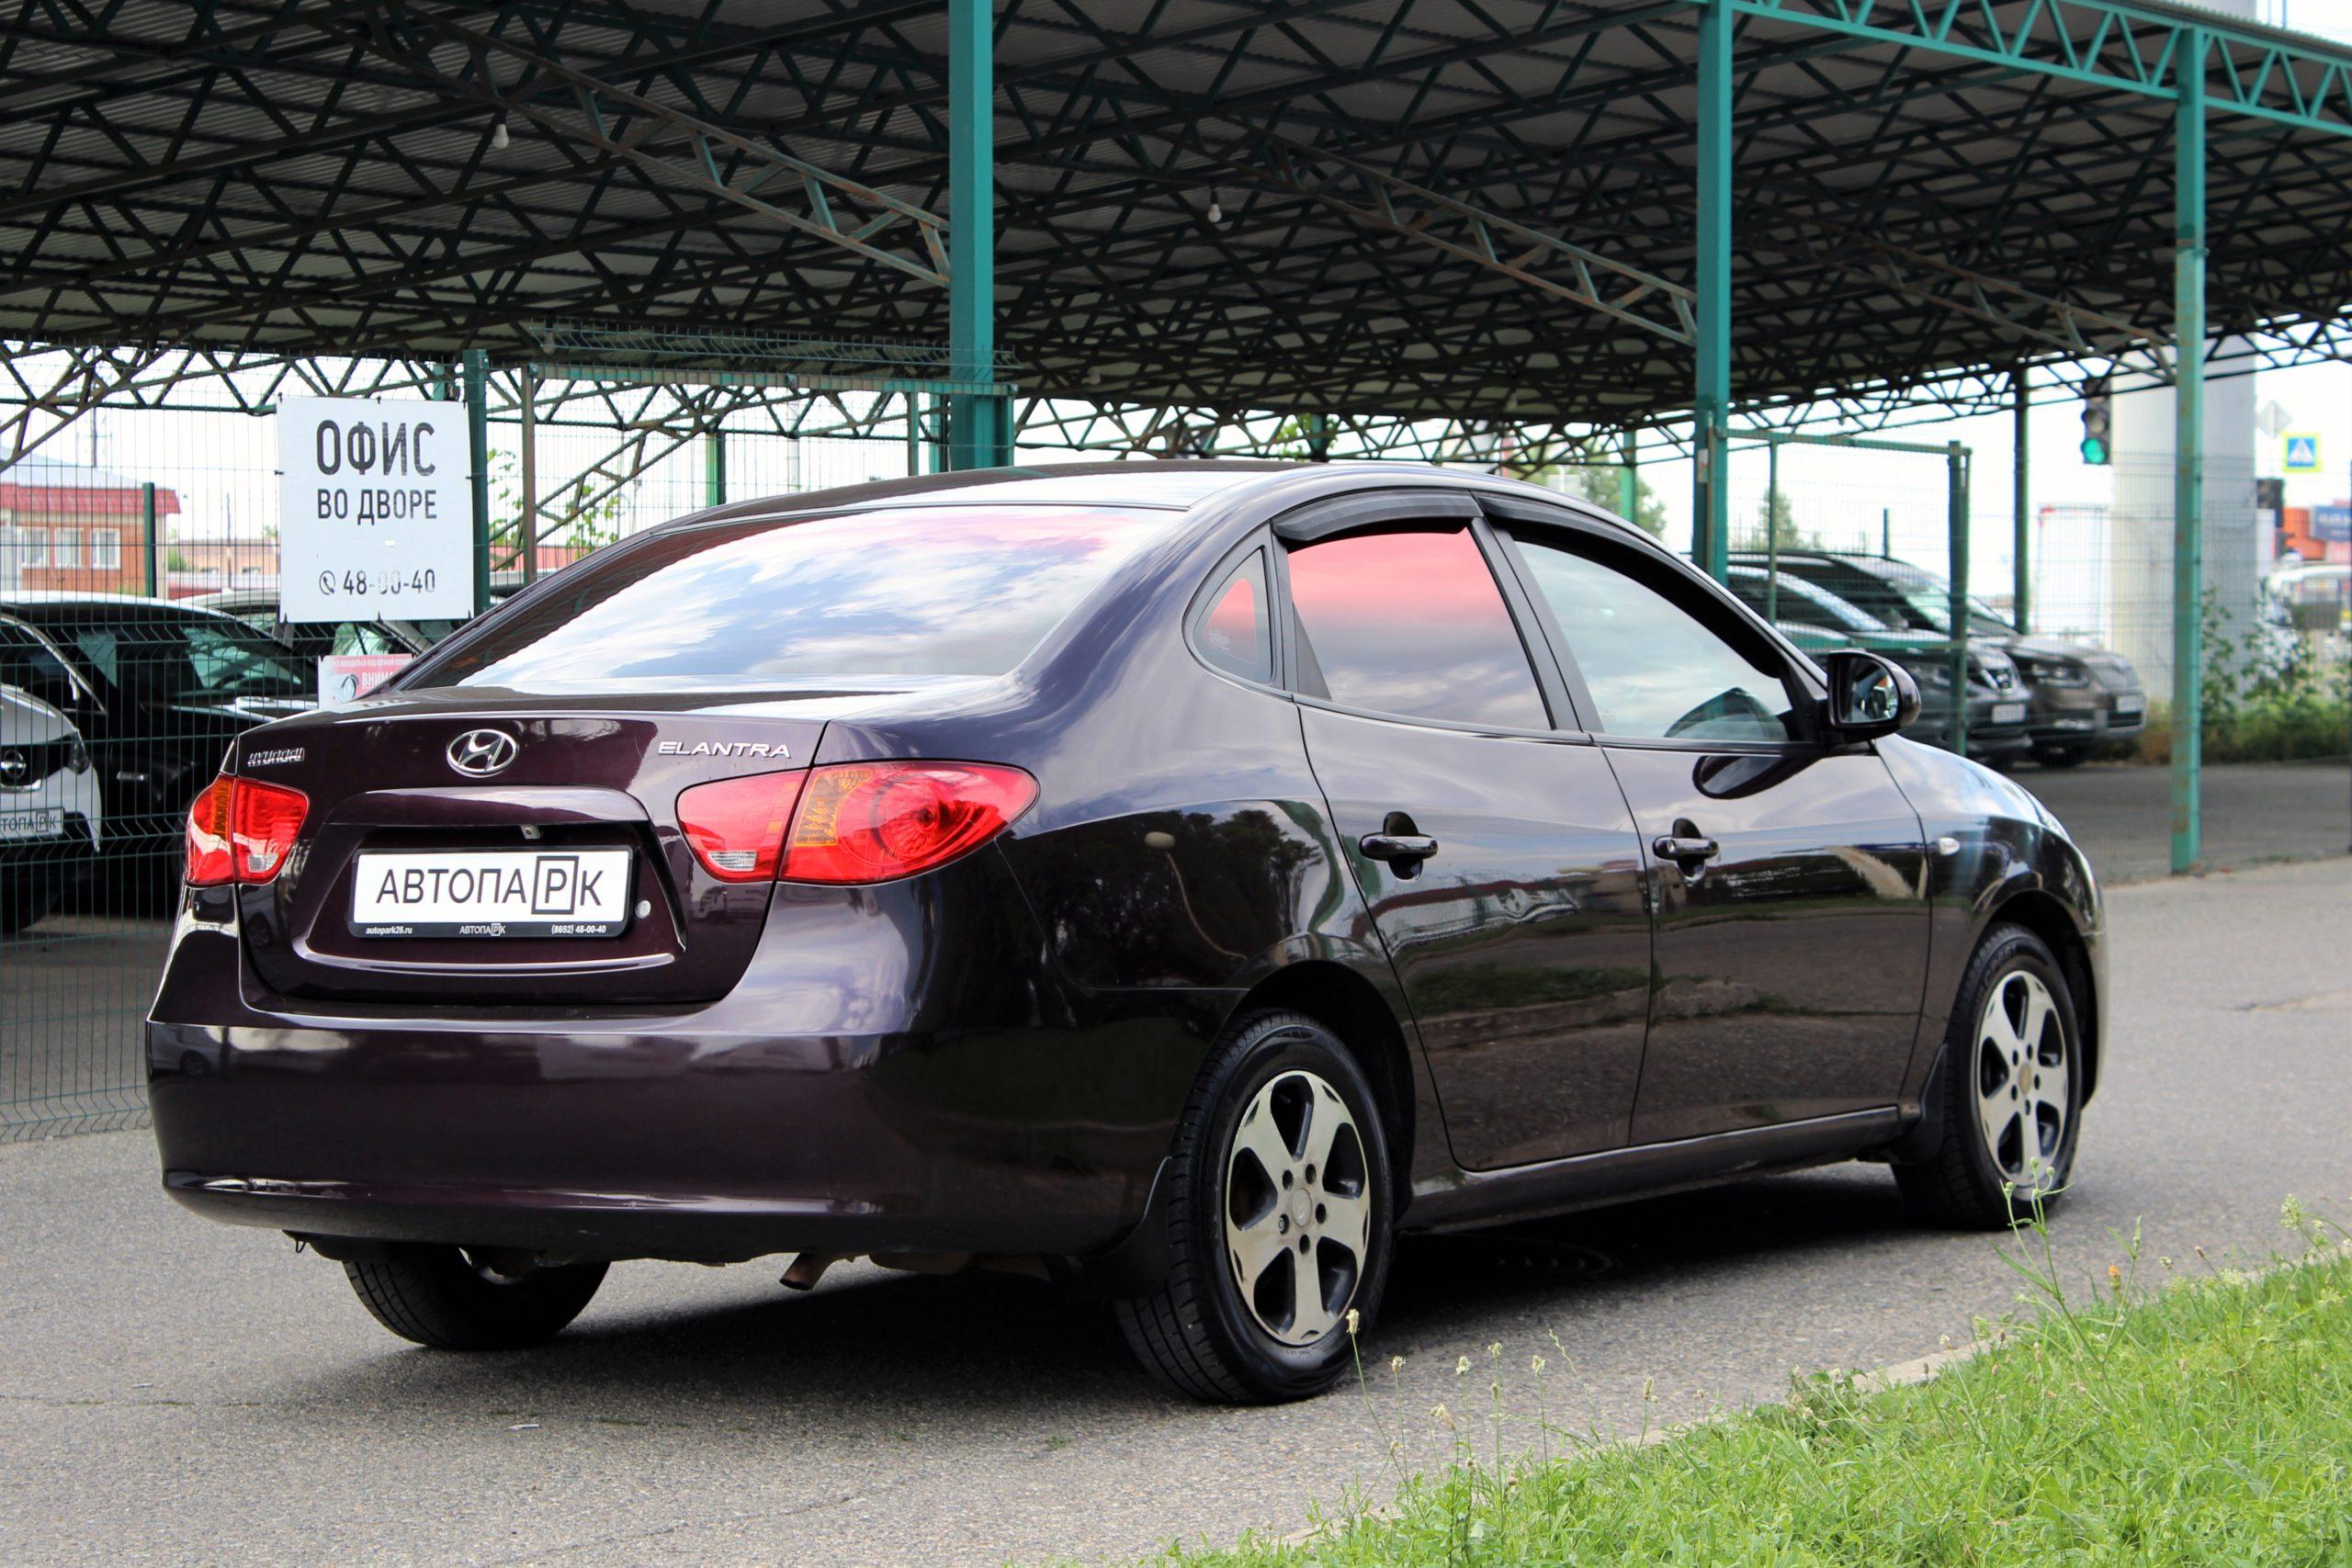 Купить Hyundai Elantra (Вишнёвый) - Автопарк Ставрополь